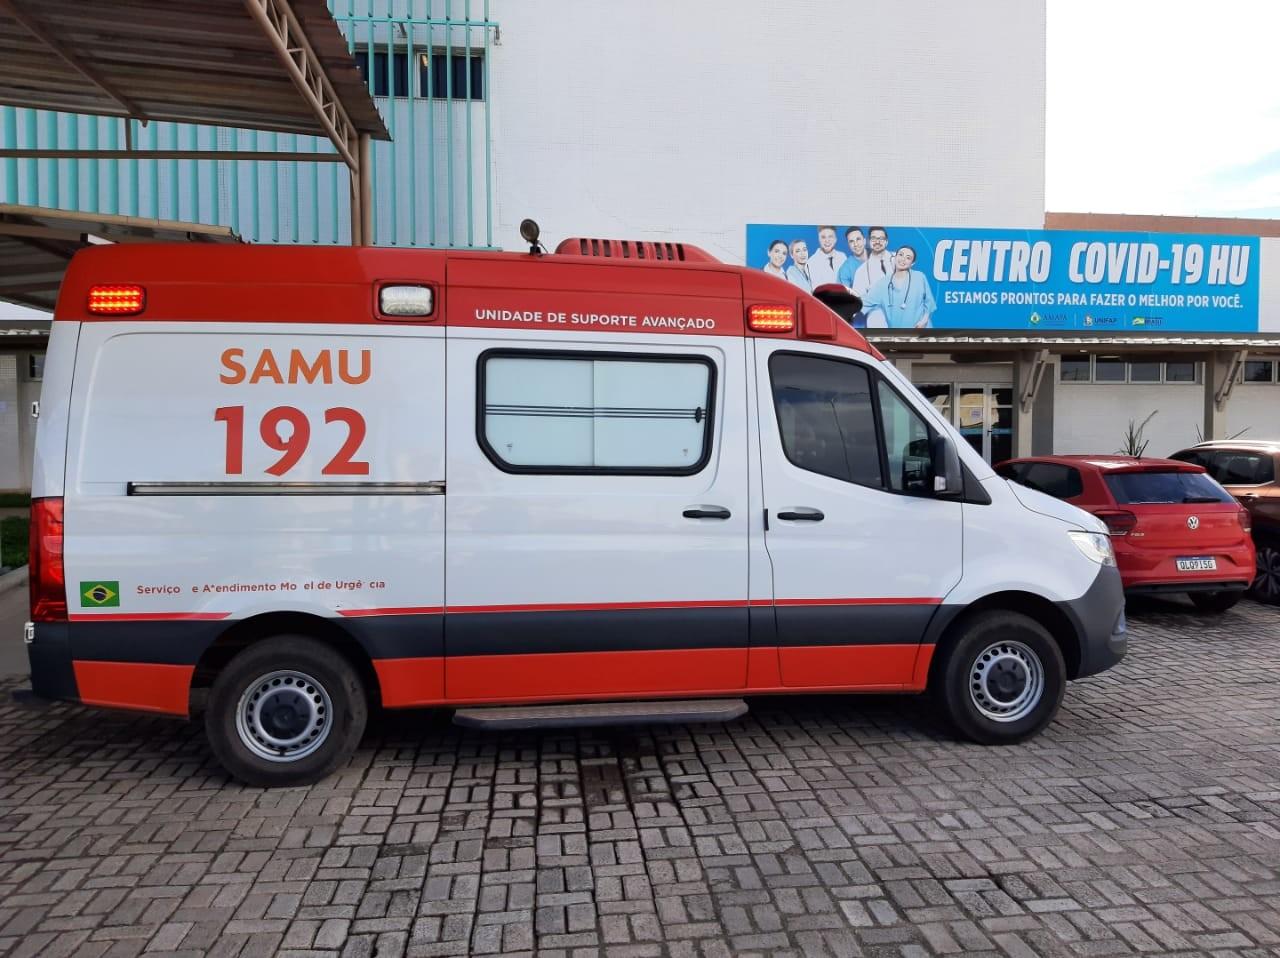 Covid-19: Amapá registra 4 mortes e 81 casos; são 1.902 óbitos e 120.962 infectados